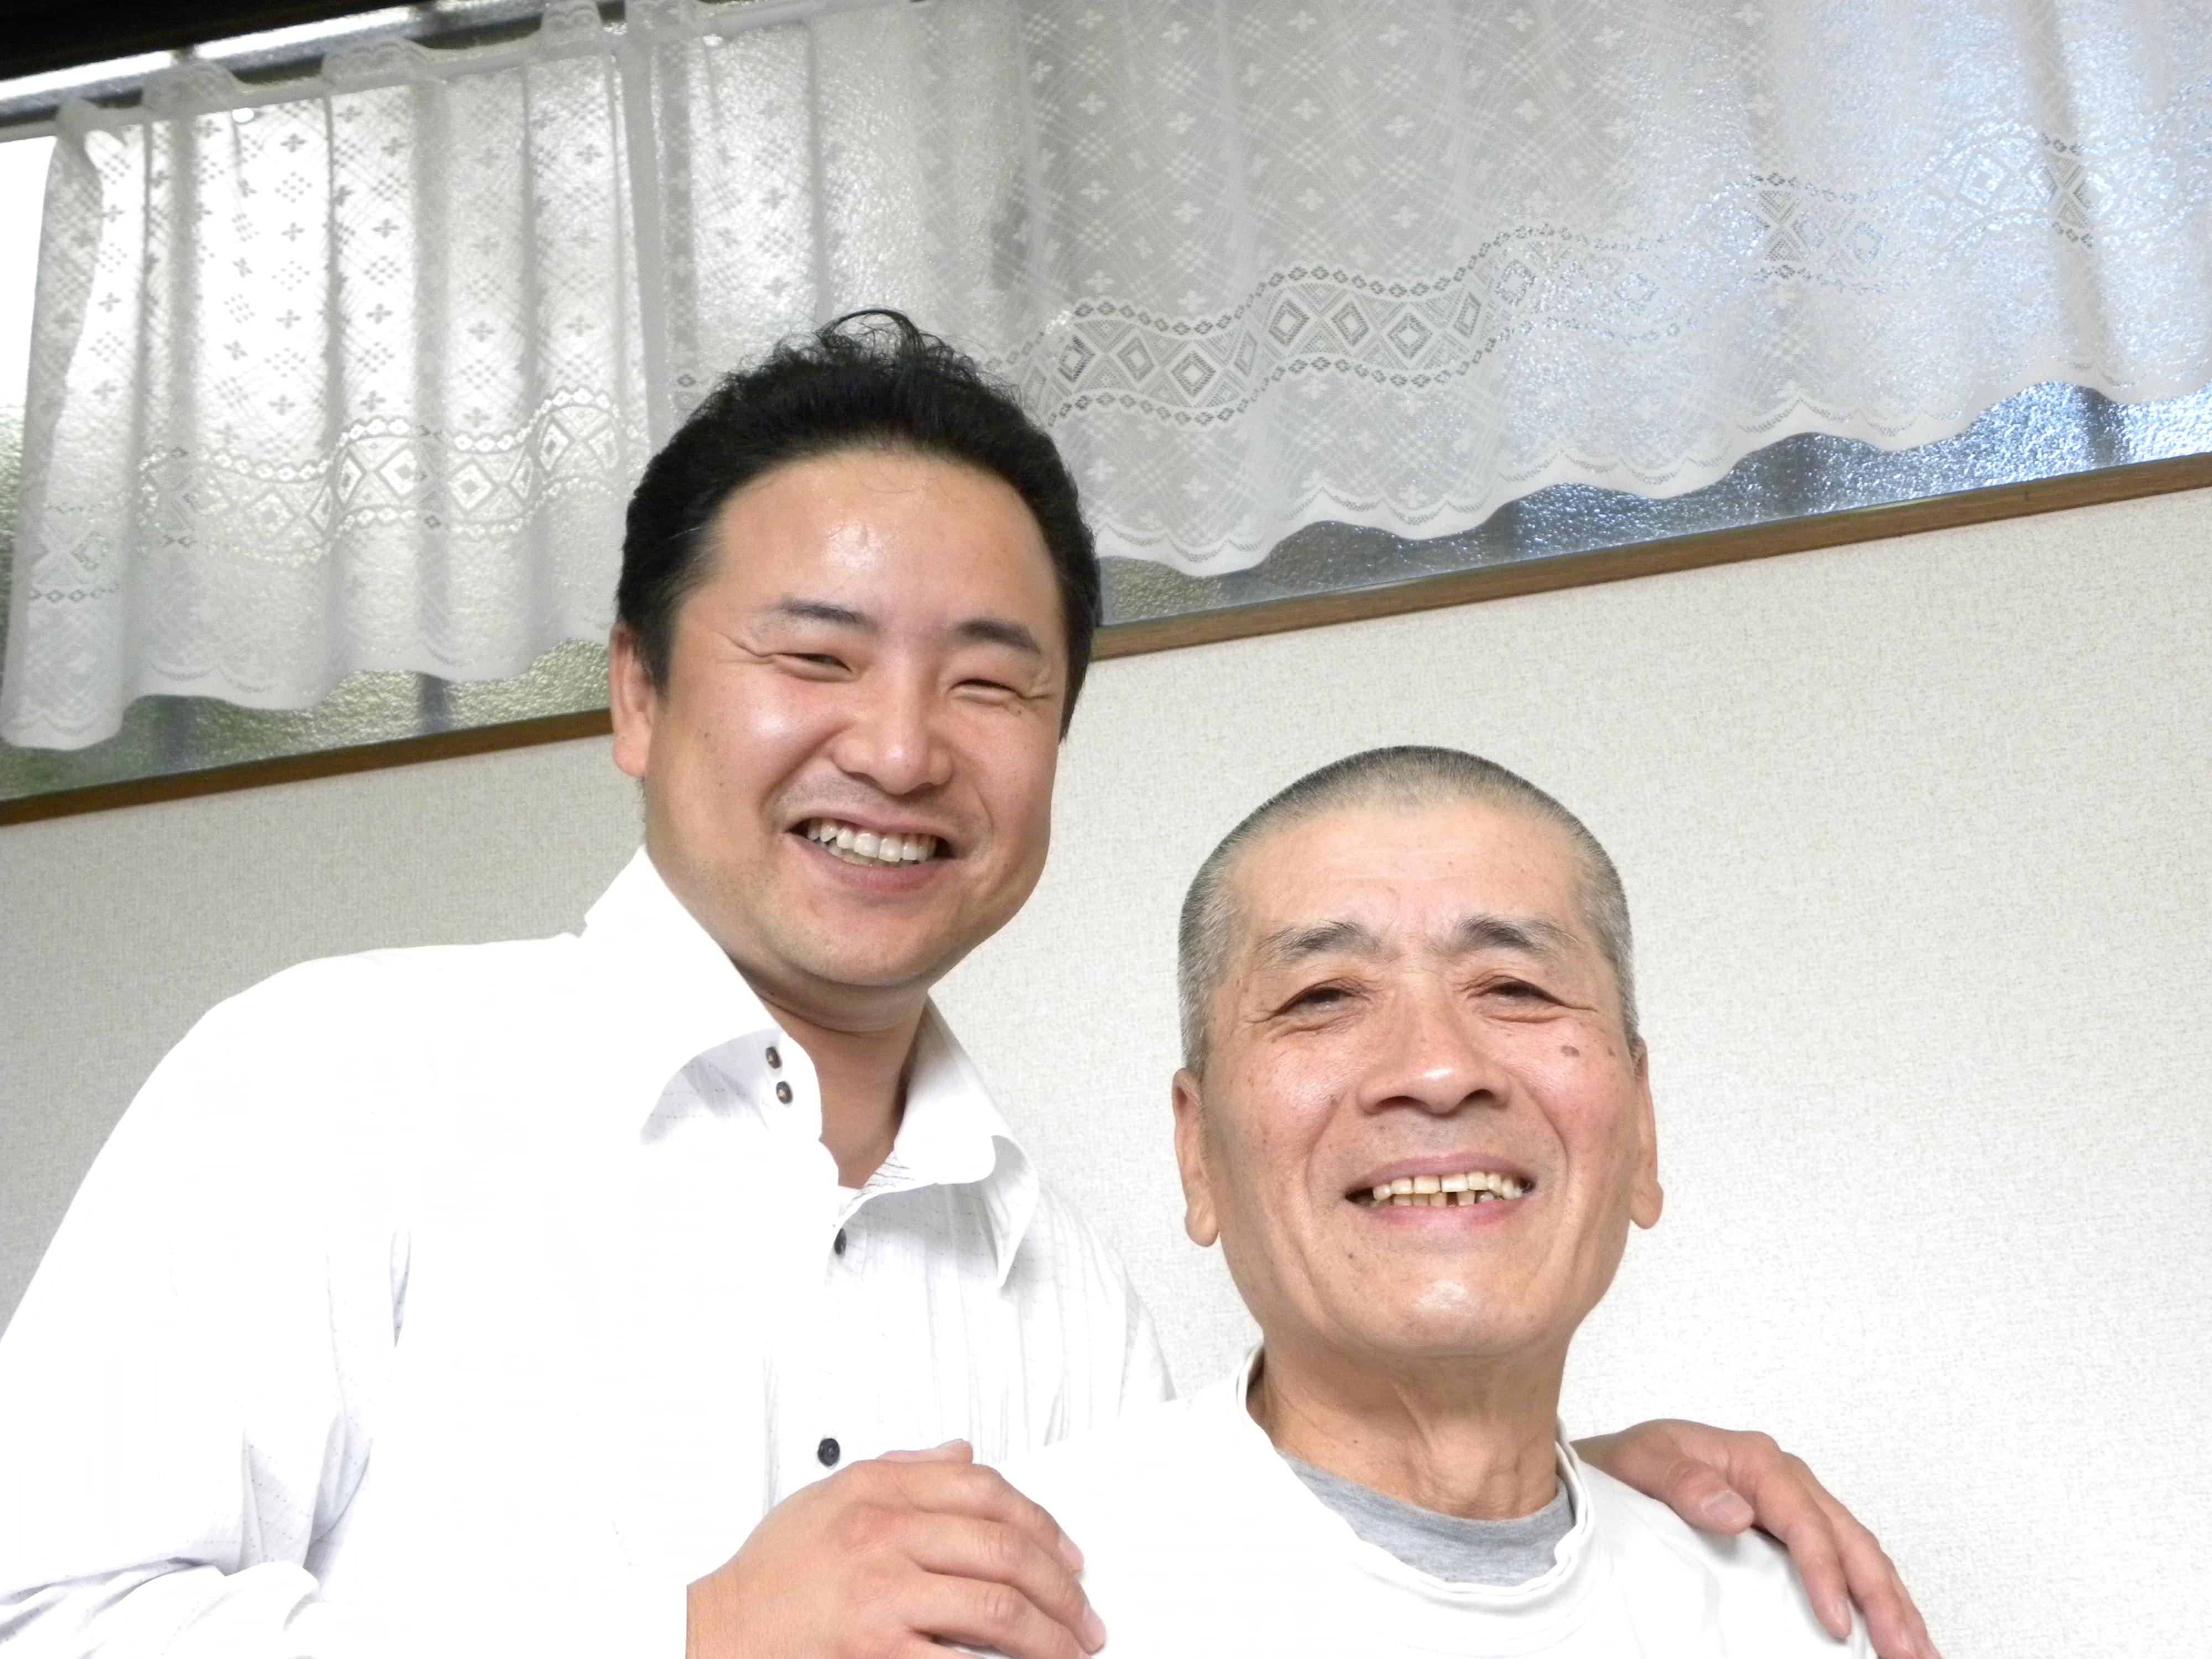 らいふマッサージ治療院 泉大津店